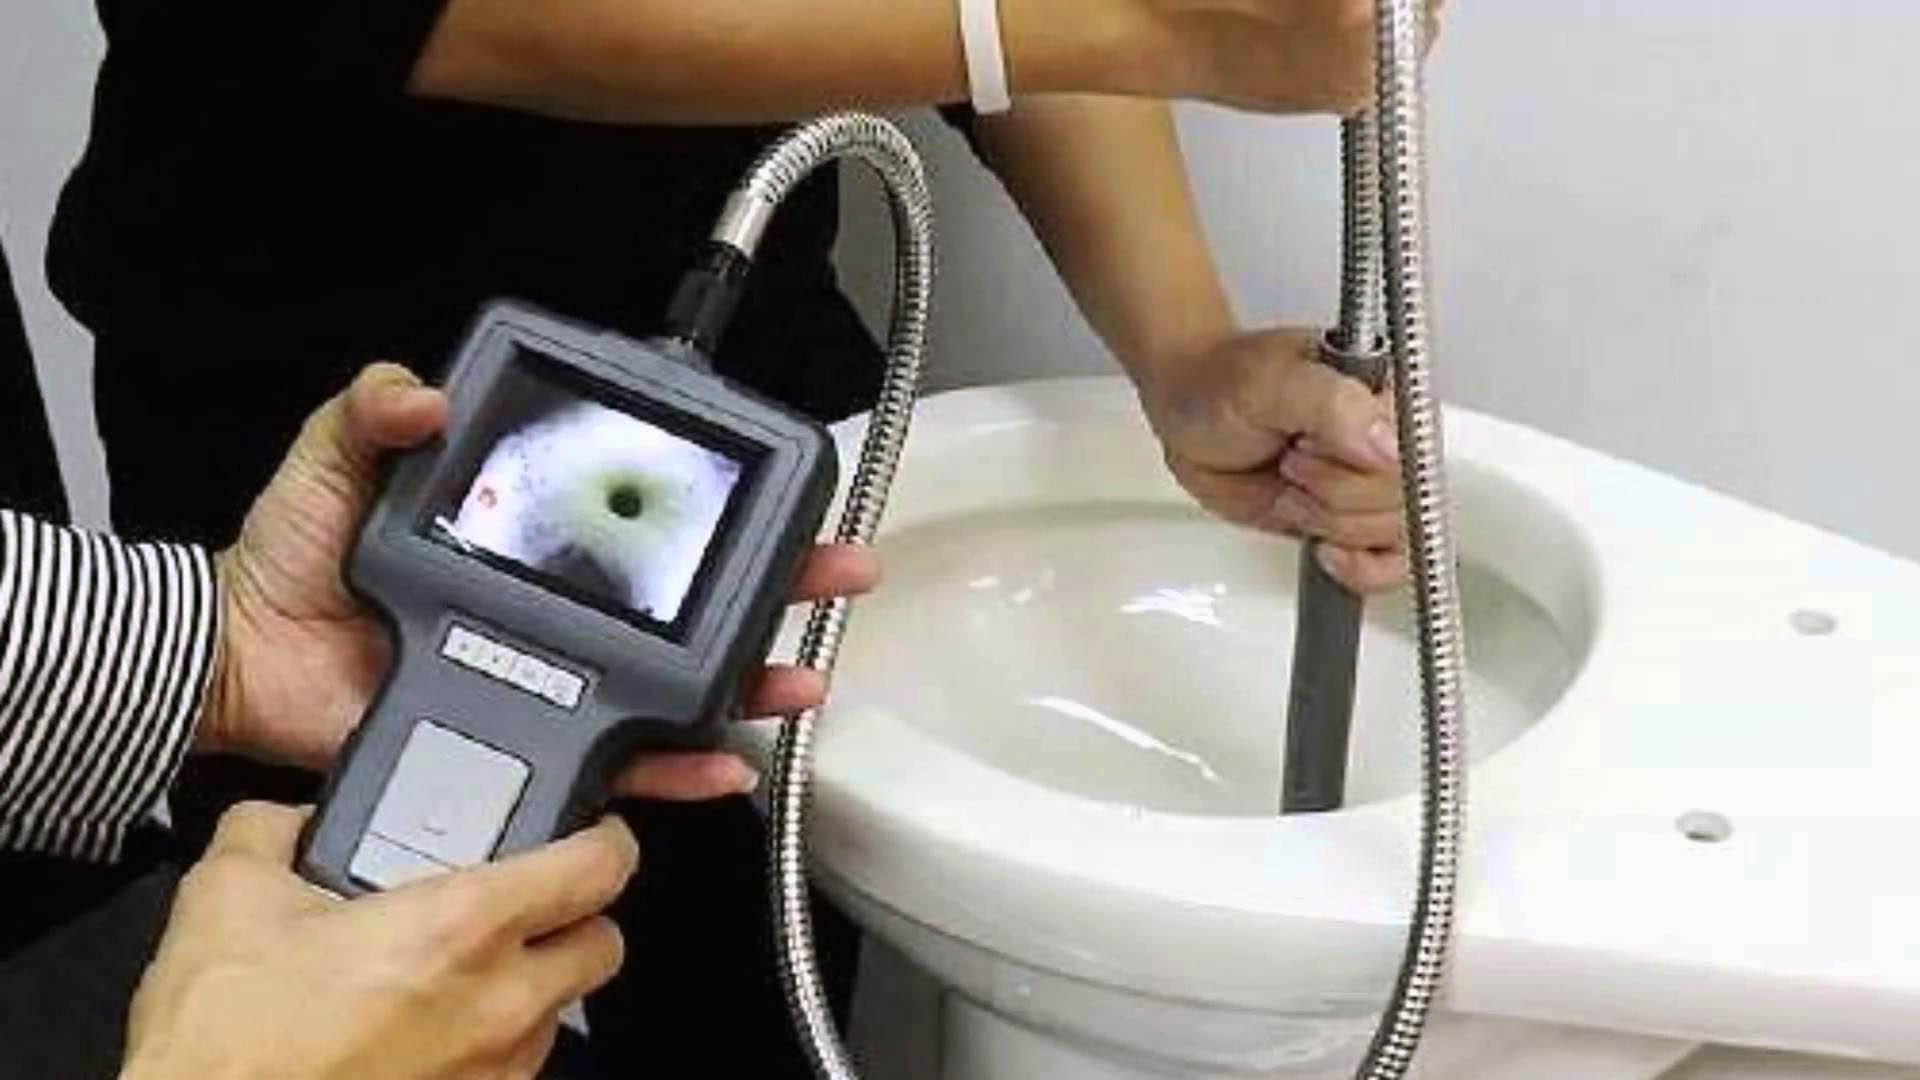 Robot Cihazlarla Kırmadan Tuvalet Açma